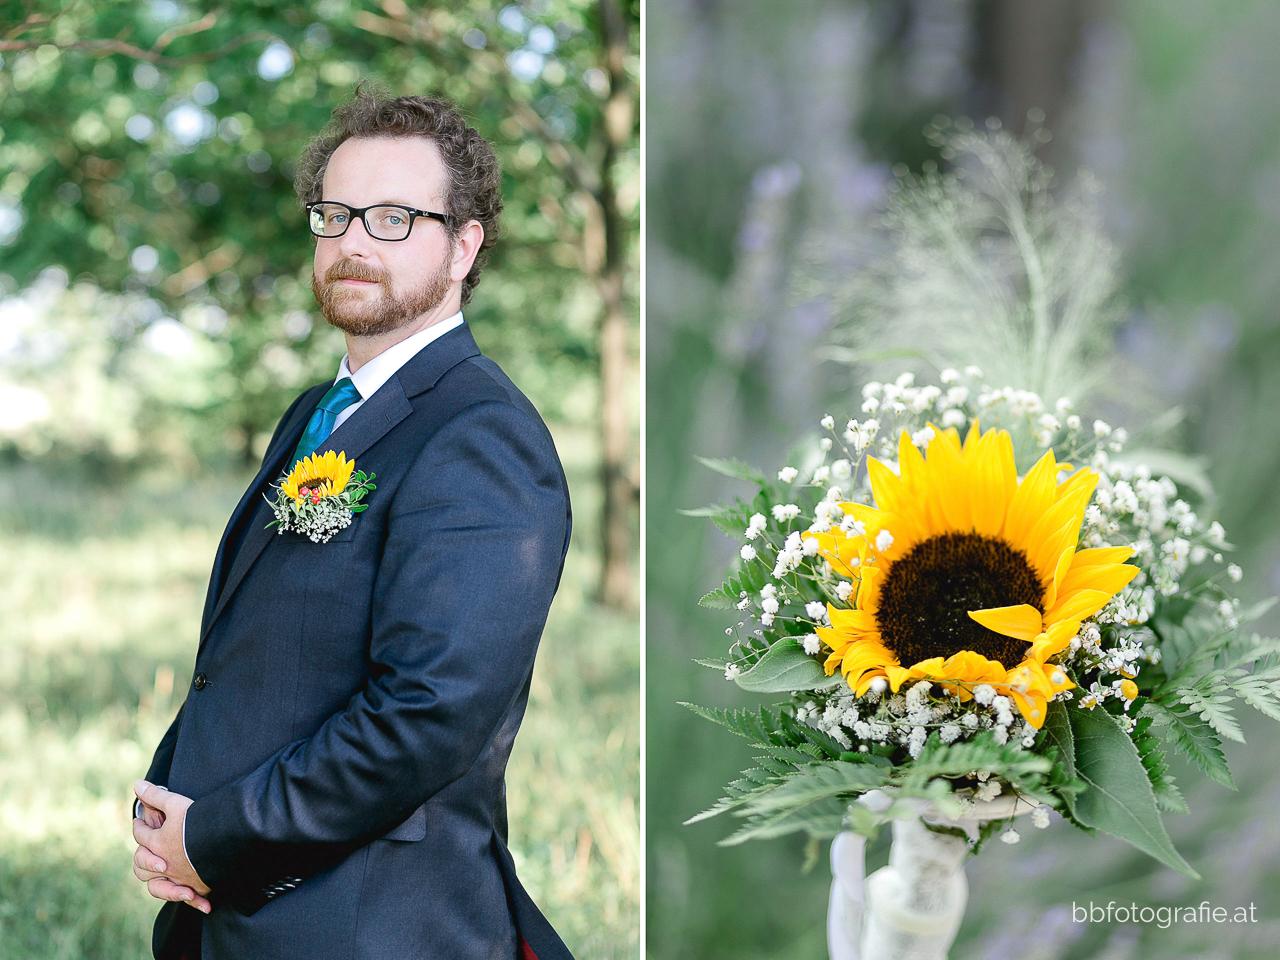 Hochzeitsfotograf, Hochzeitsfotograf Burgenland, Brautpaardetails, Paarshooting, Hochzeitslocation Burgenland, Hochzeitslocation Villa Vita Pannonia, Gartenhochzeit, b&b fotografie